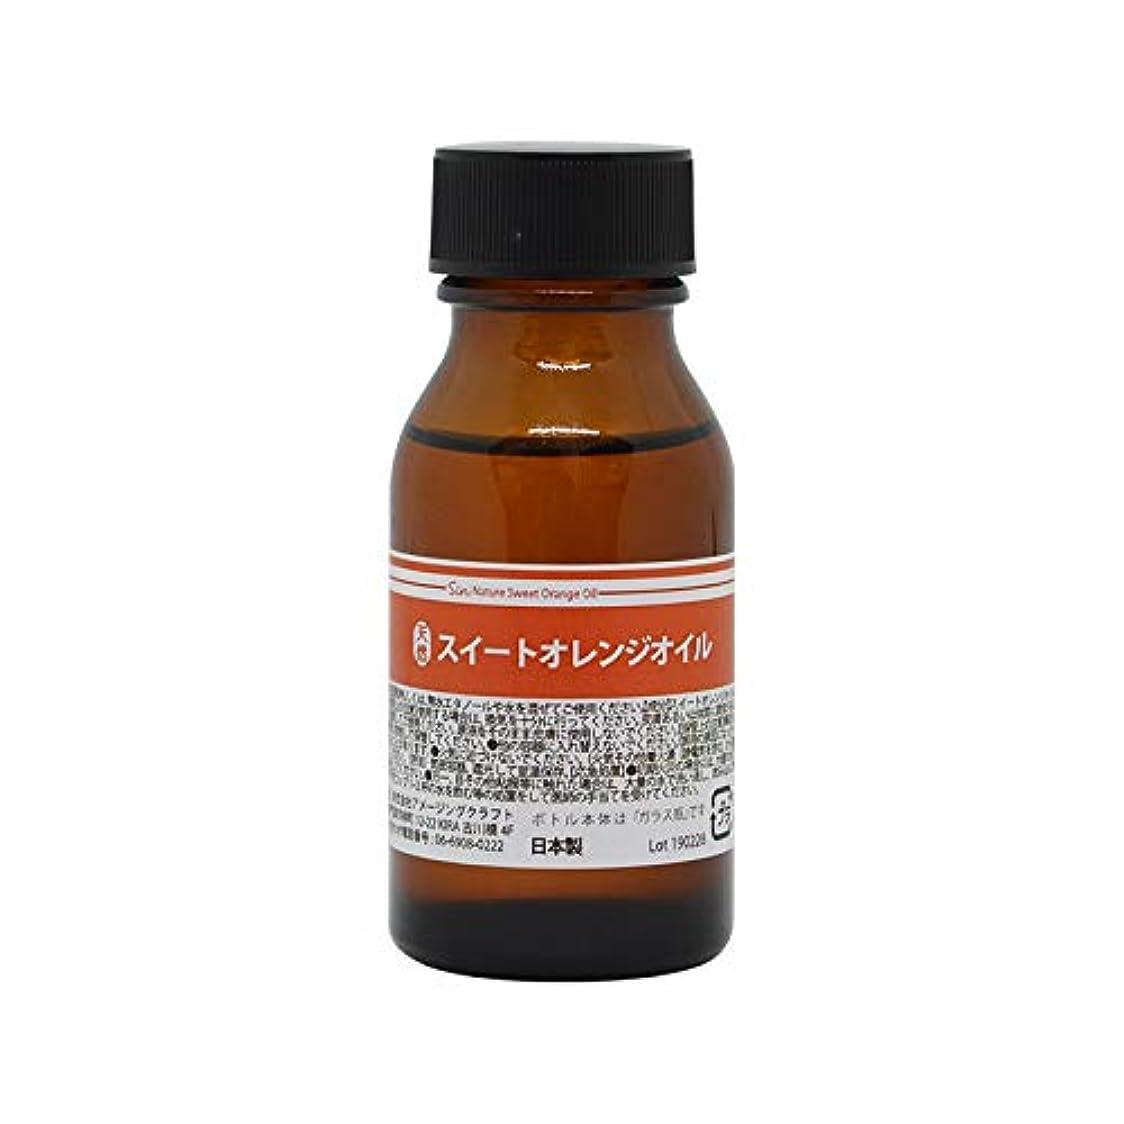 三十保全活気づく天然100% スイートオレンジオイル 50ml (オレンジスイート) エッセンシャルオイル